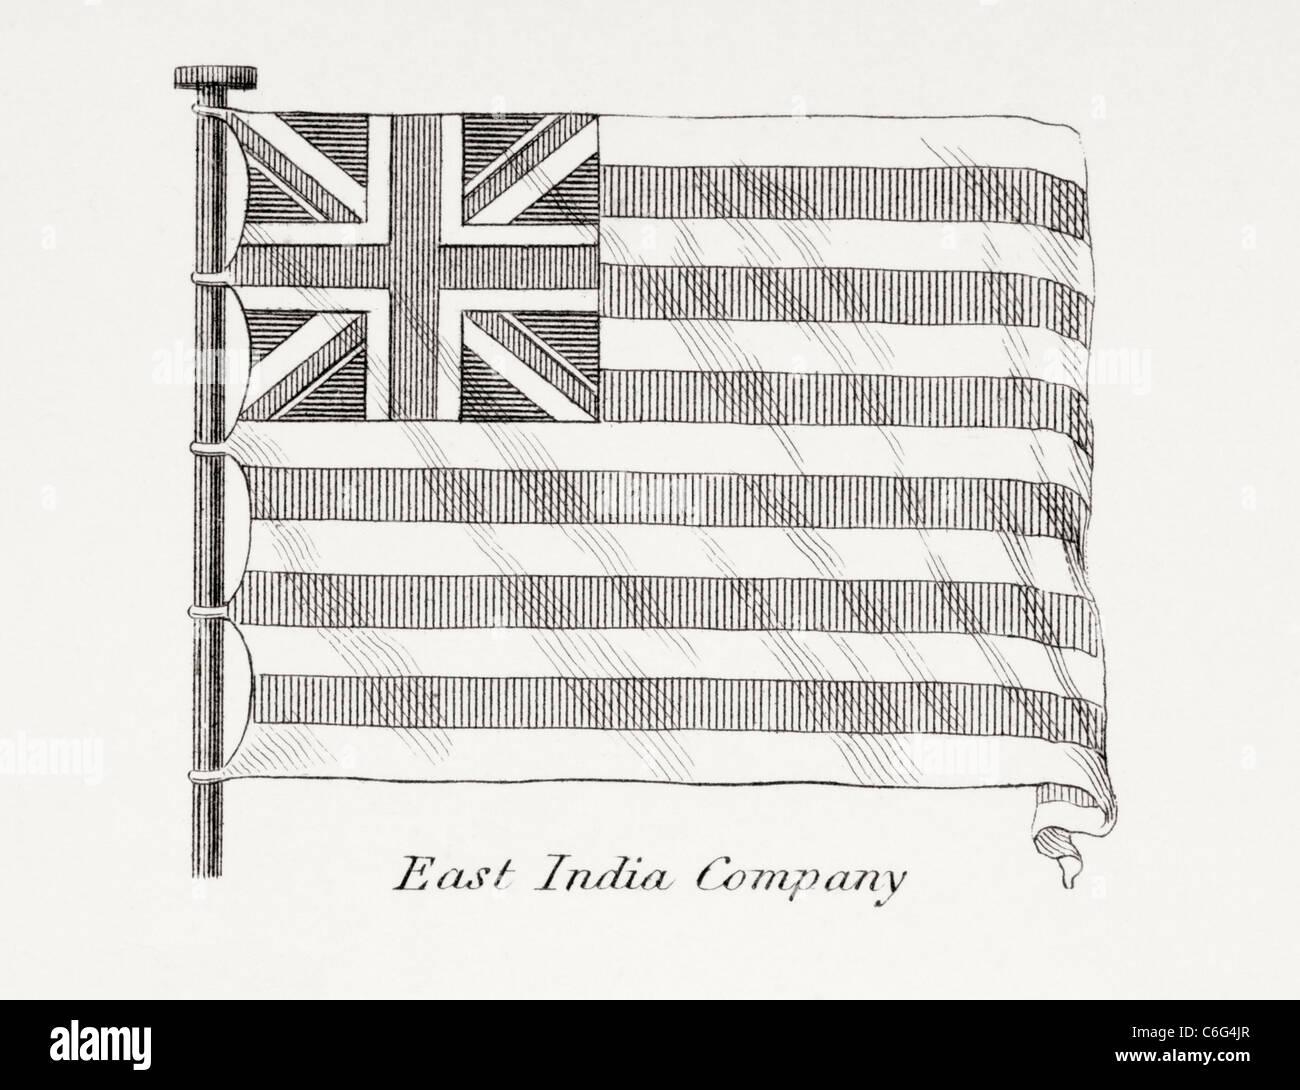 Le drapeau de la Compagnie des Indes orientales. Au début du xixe siècle. Photo Stock